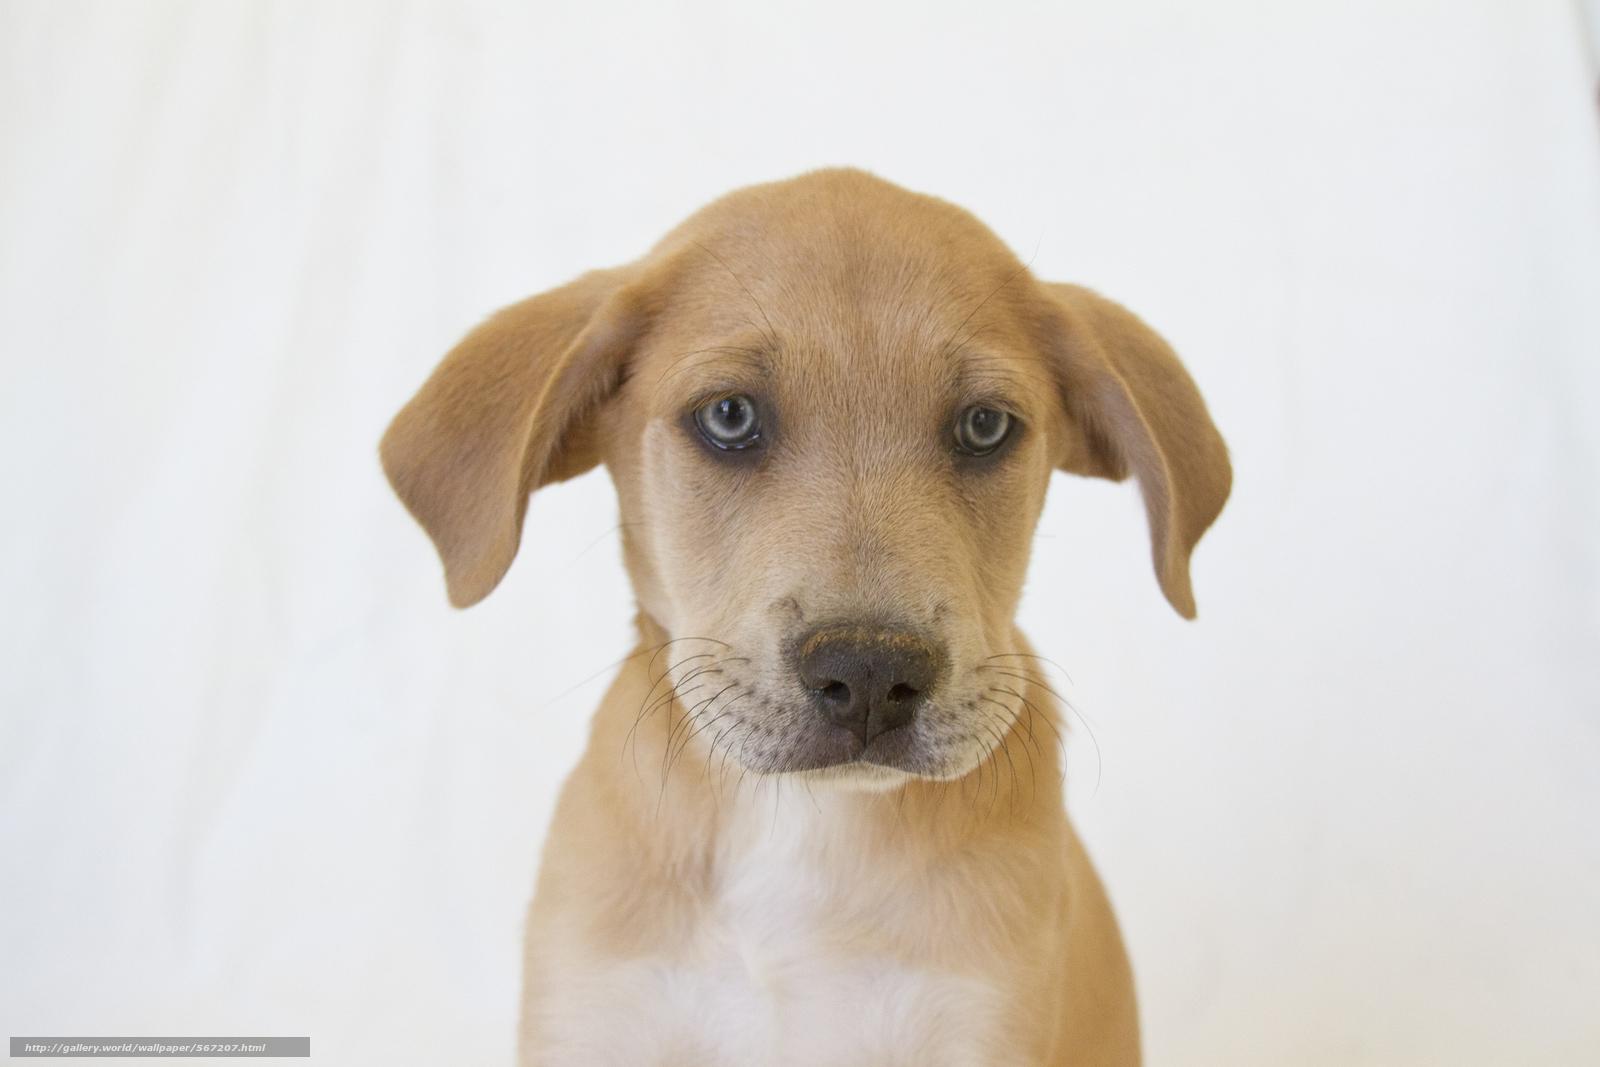 Скачать обои пёс,  собака,  белый фон,  щенок бесплатно для рабочего стола в разрешении 3000x2000 — картинка №567207